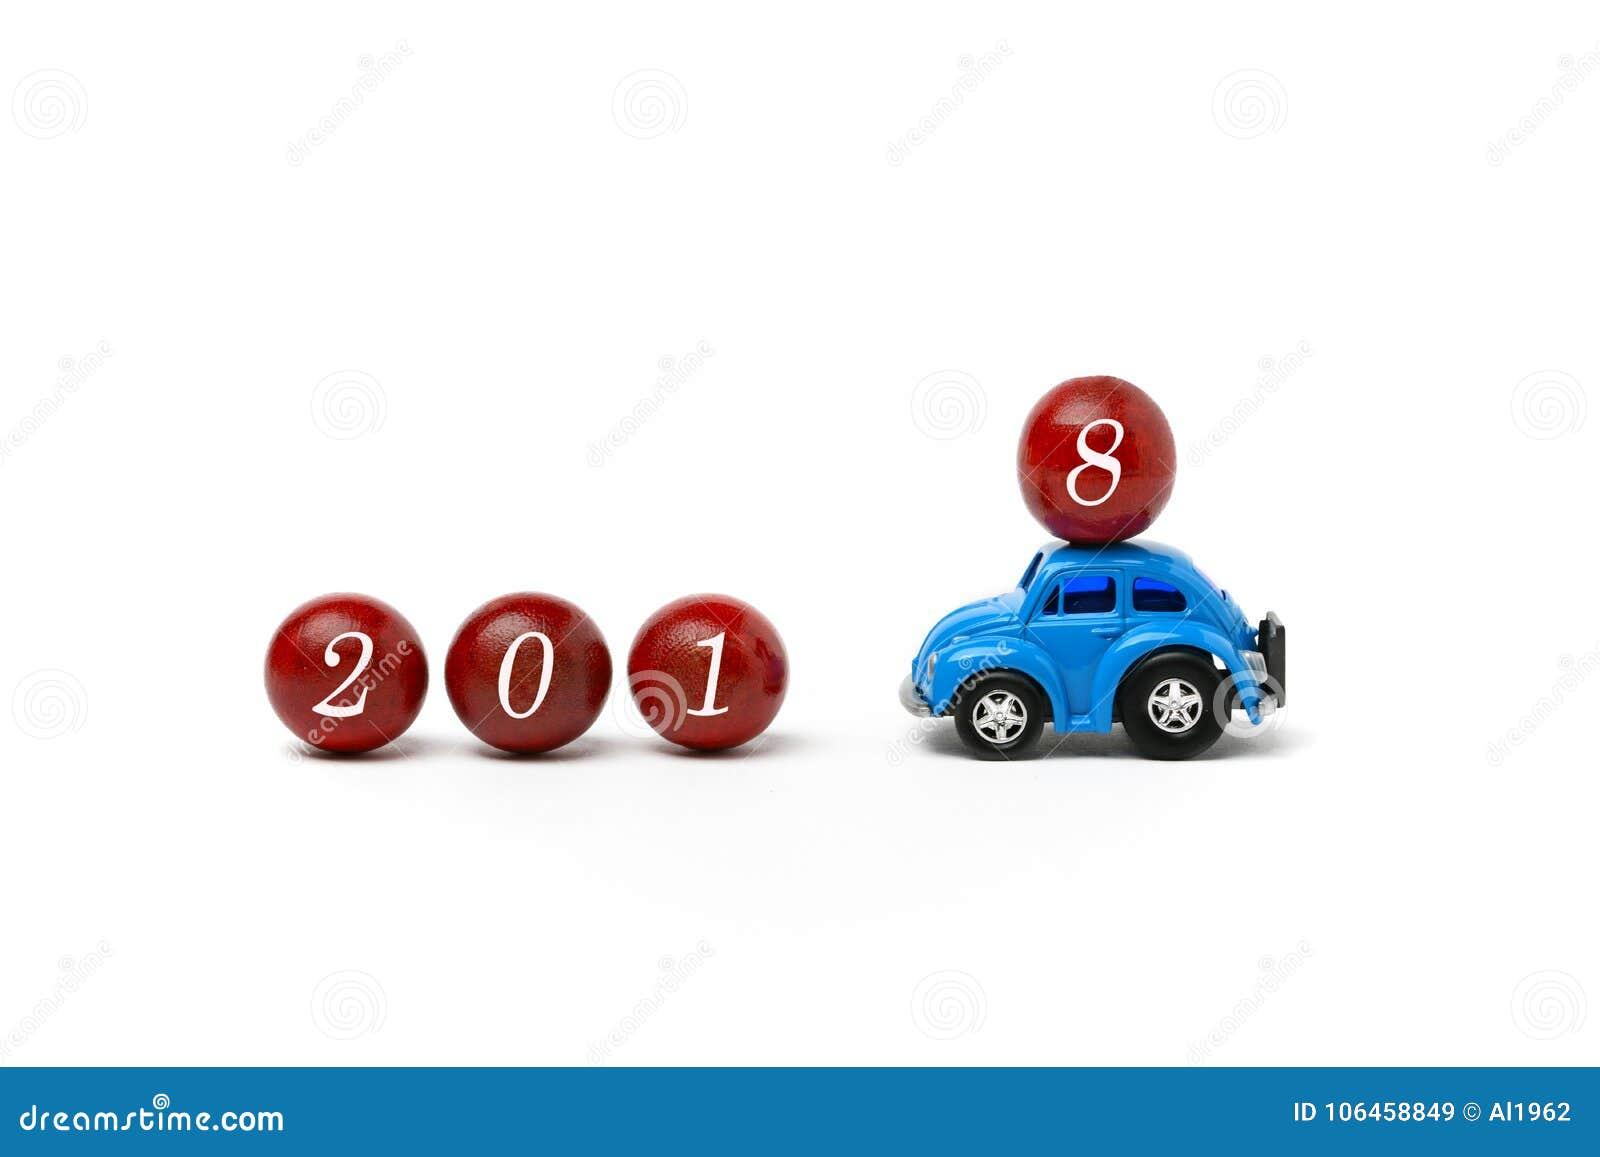 Neues Jahr 2018 ist kommendes - guten Rutsch ins Neue Jahr 2018 - Auto, das holt